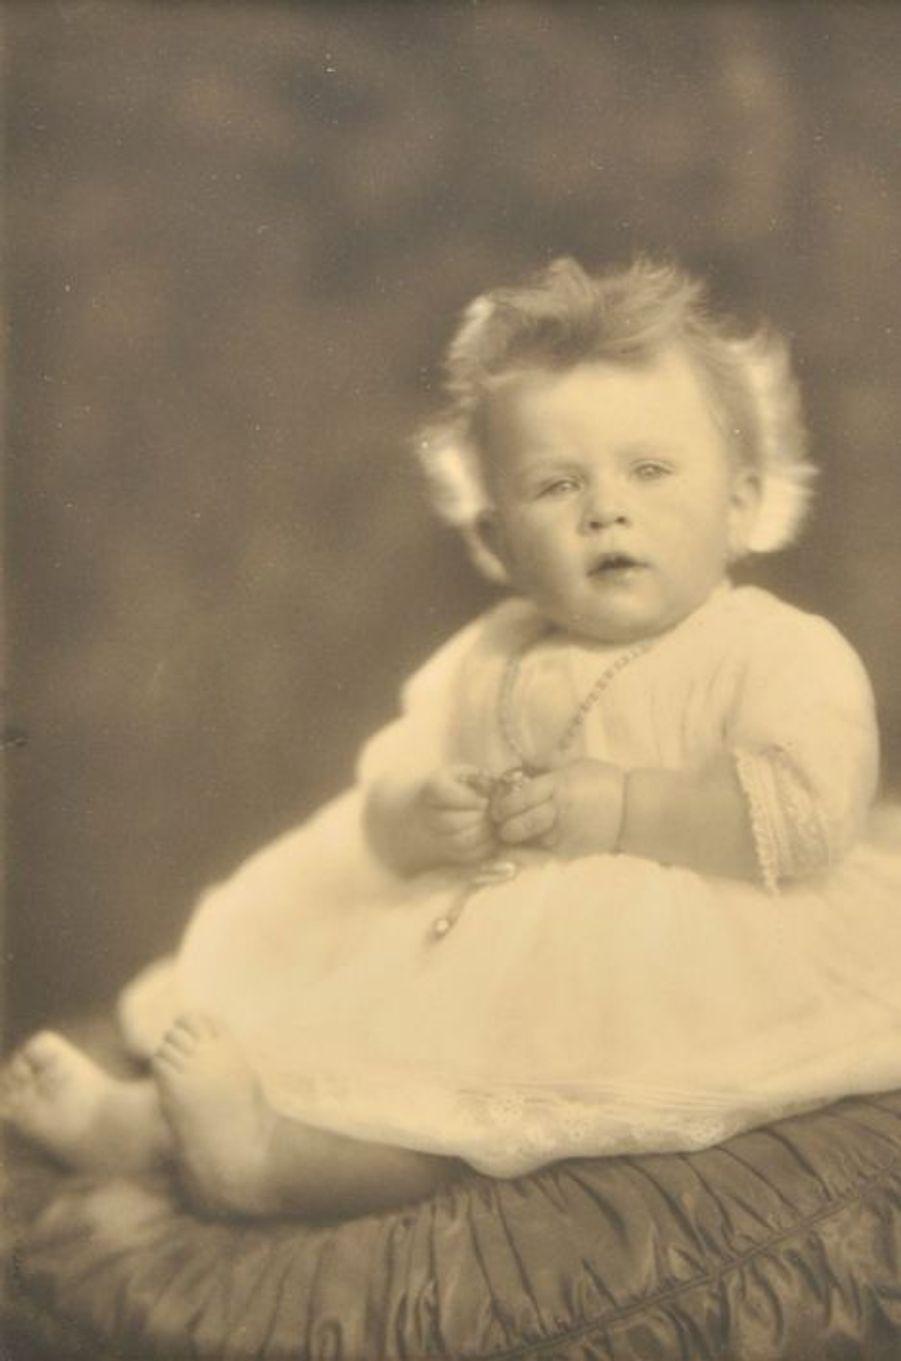 La reine Elizabeth II à 9 mois, le 20 janvier 1927